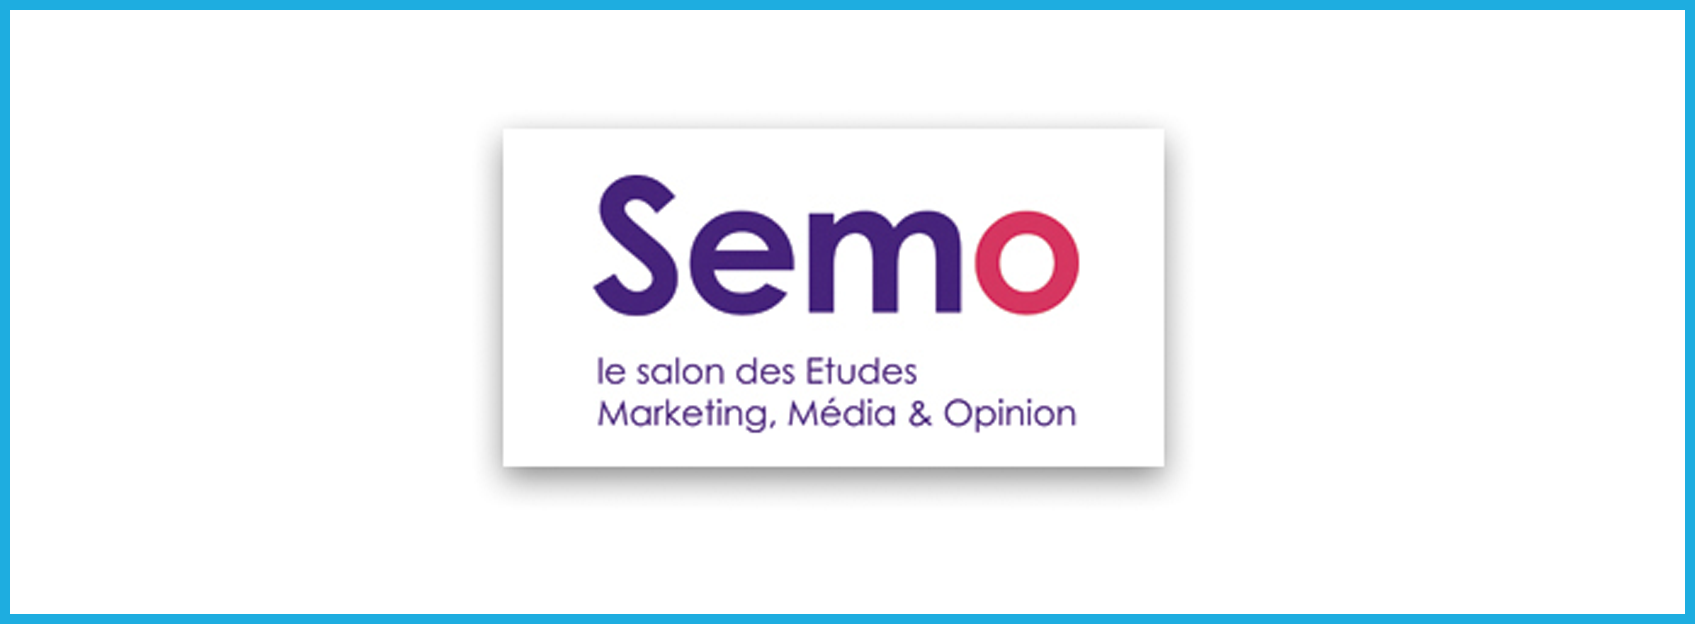 respondi France fête sa première année d'activité à l'occasion du SEMO